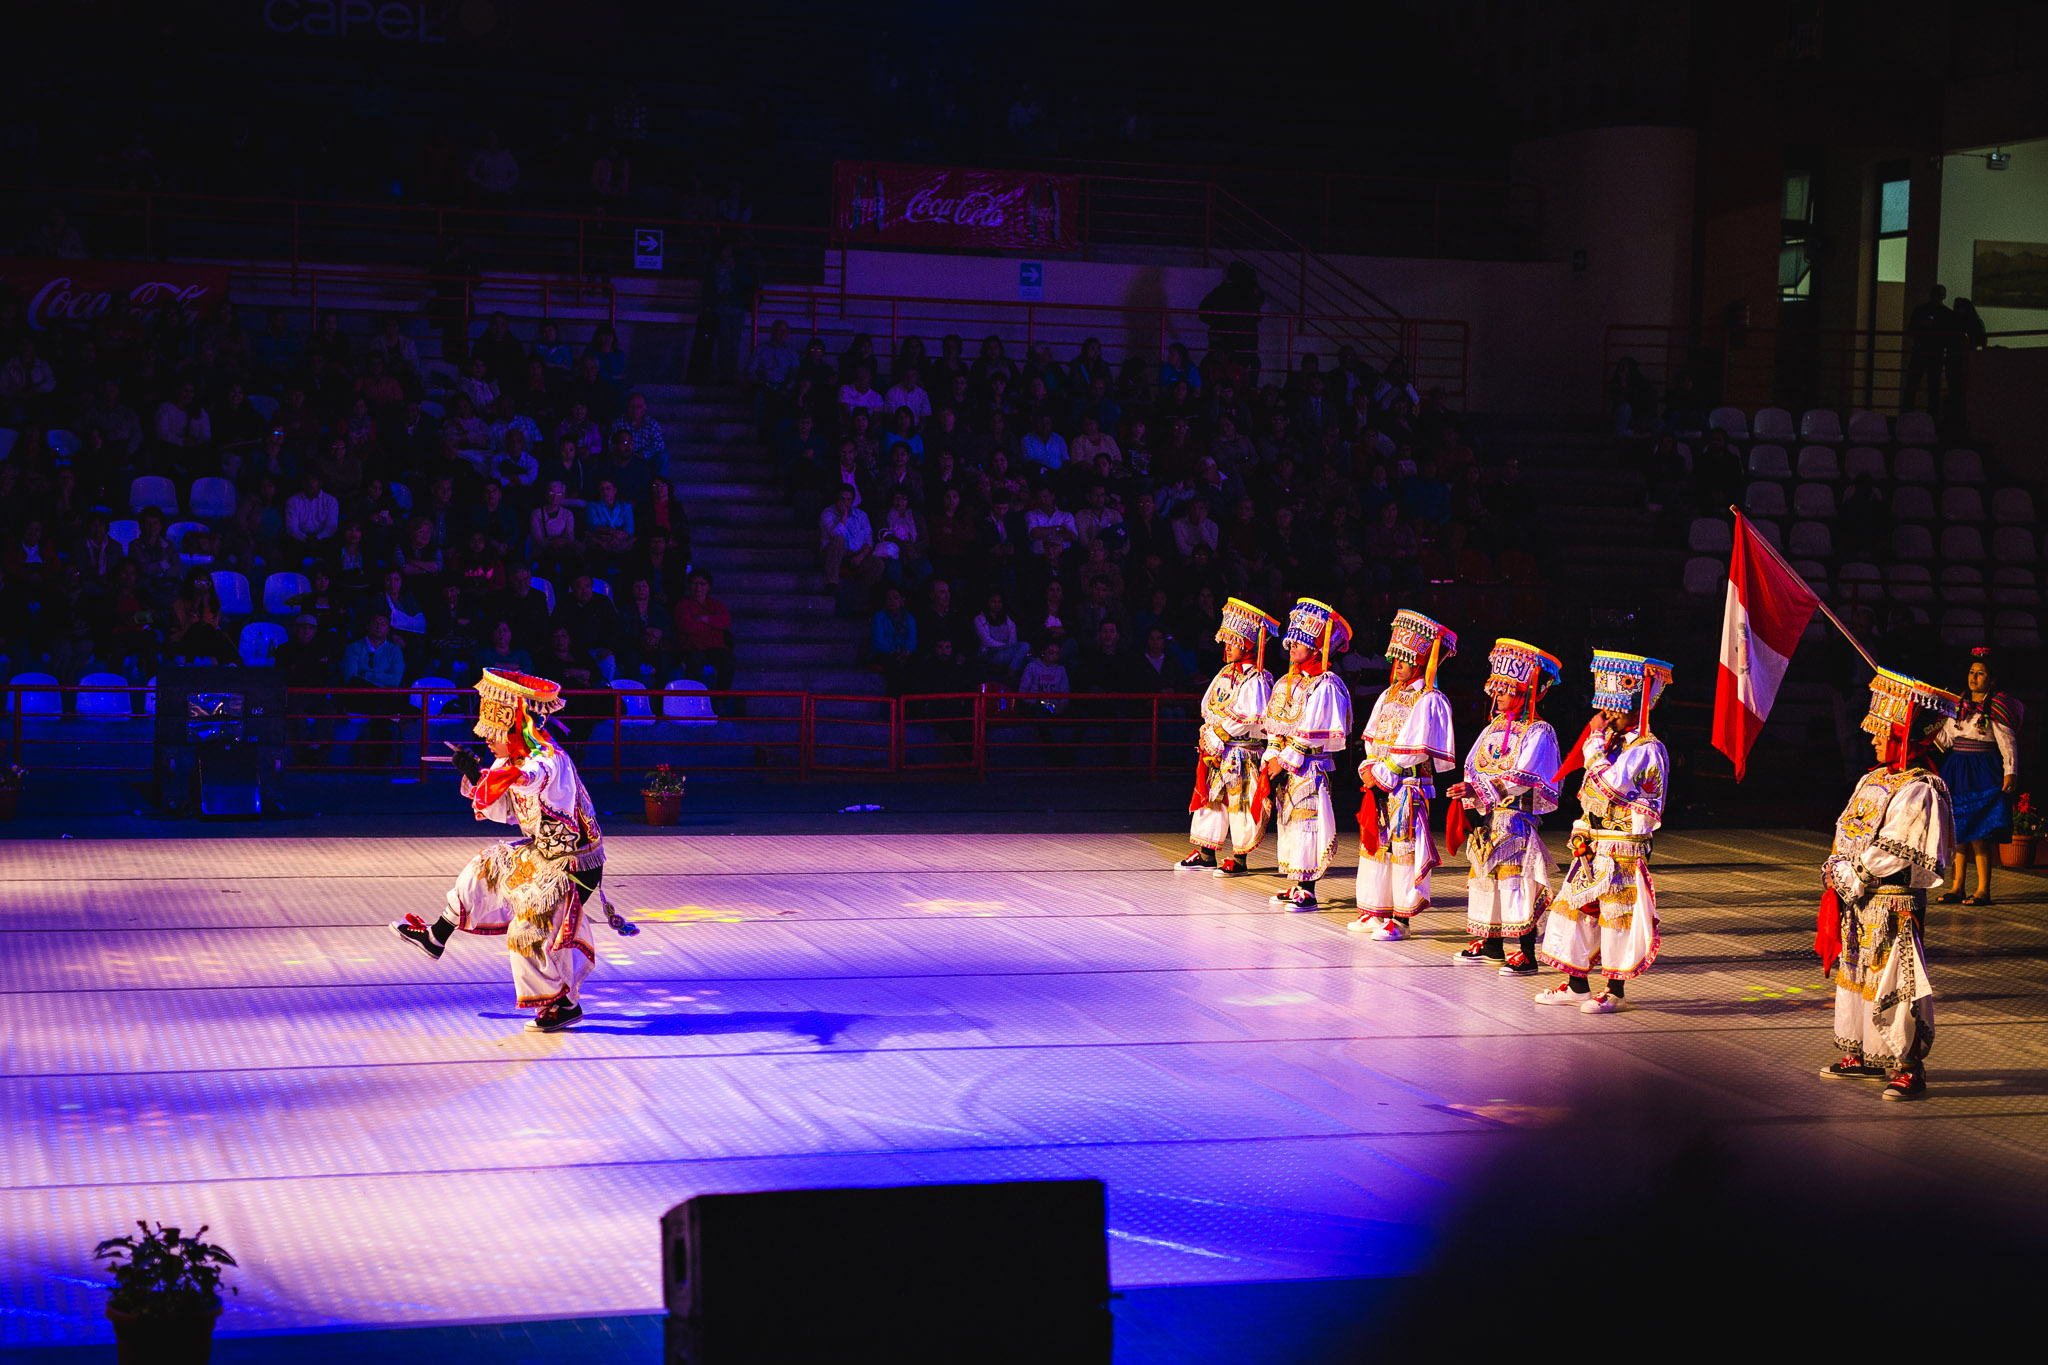 Peruvian folklore group